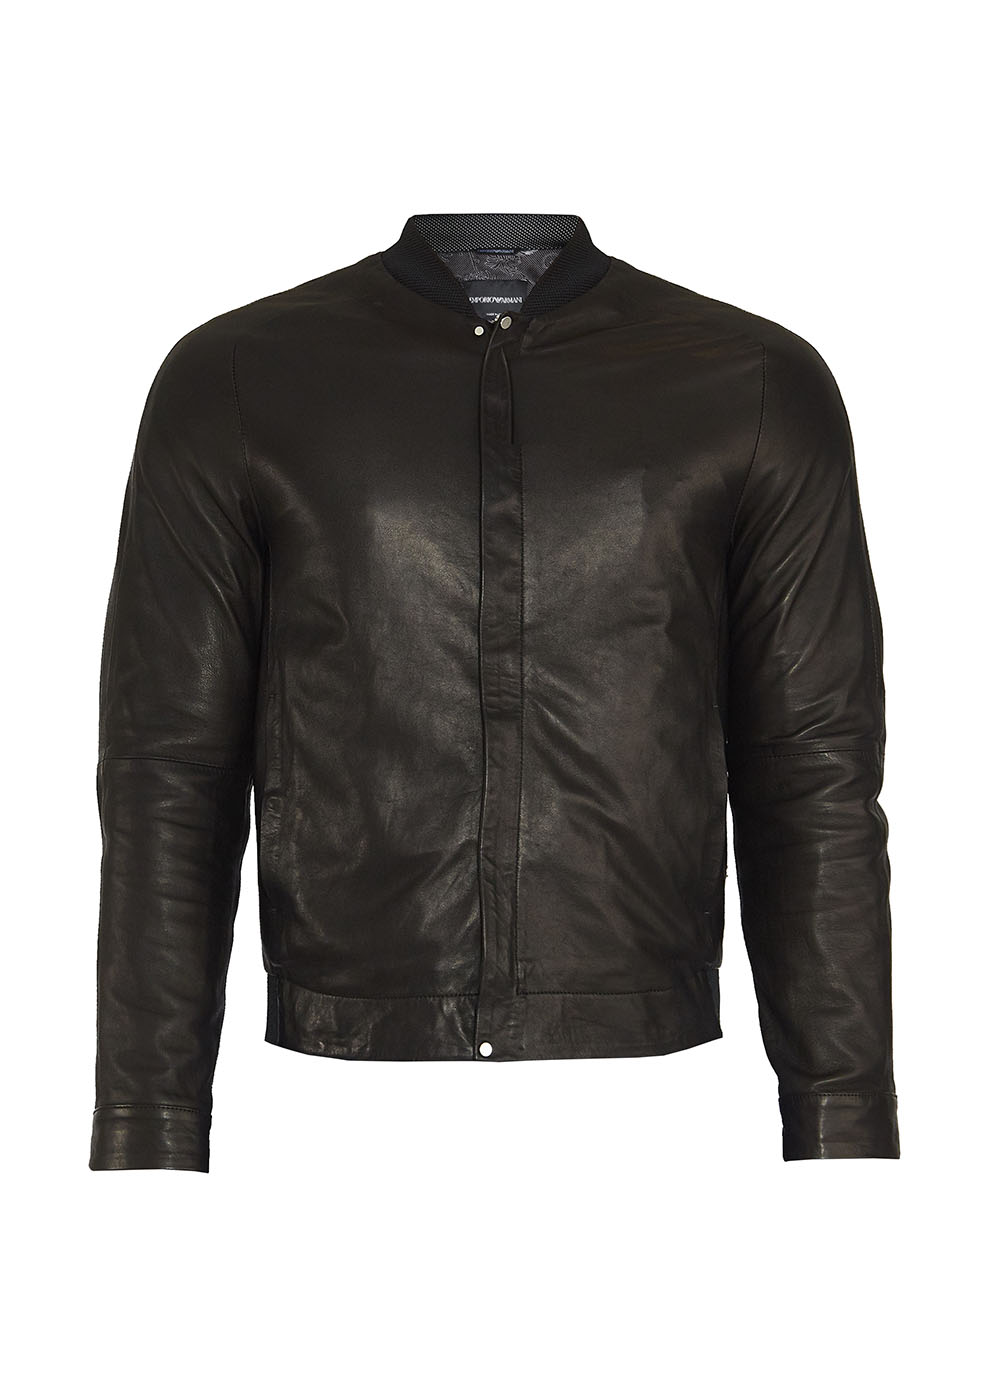 Купить со скидкой Emporio Armani куртка